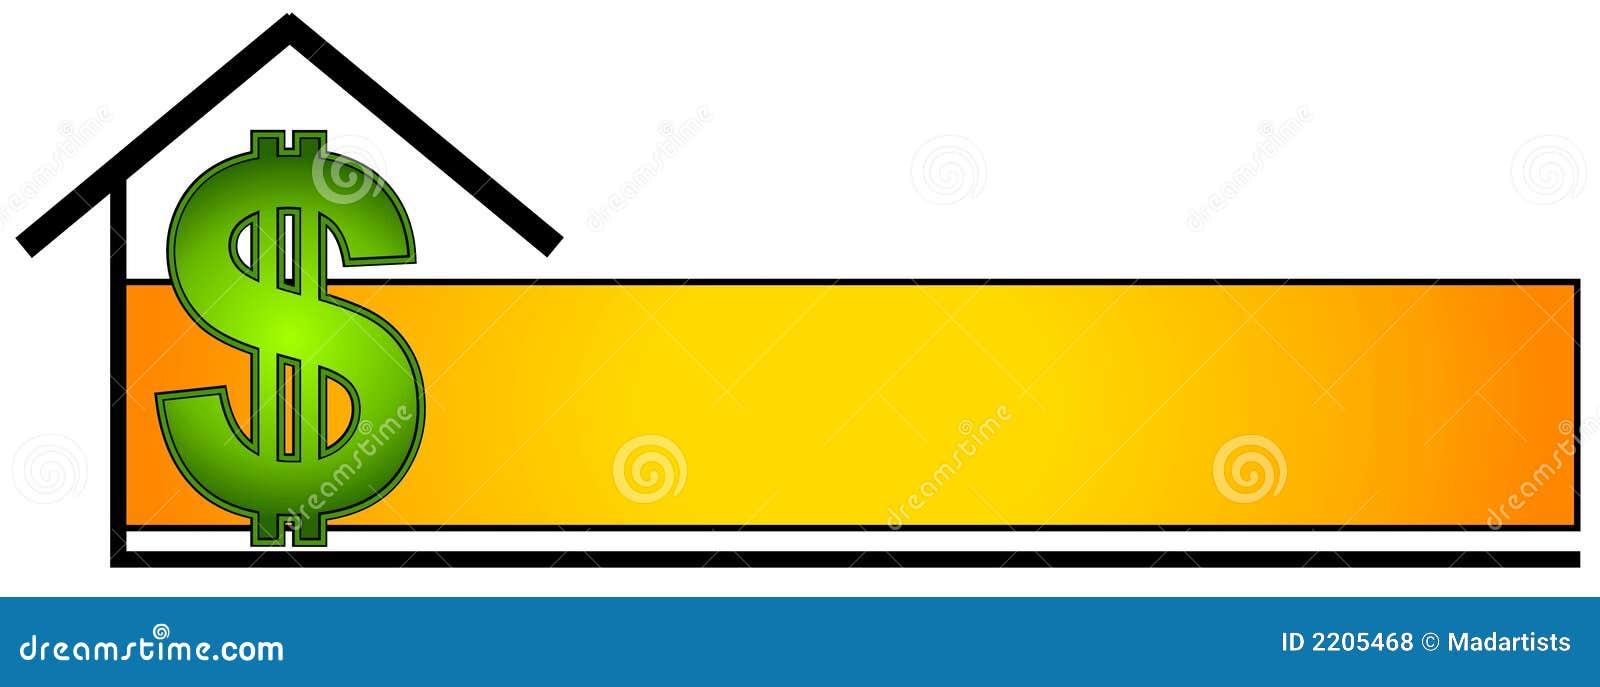 庄园徽标页实际万维网